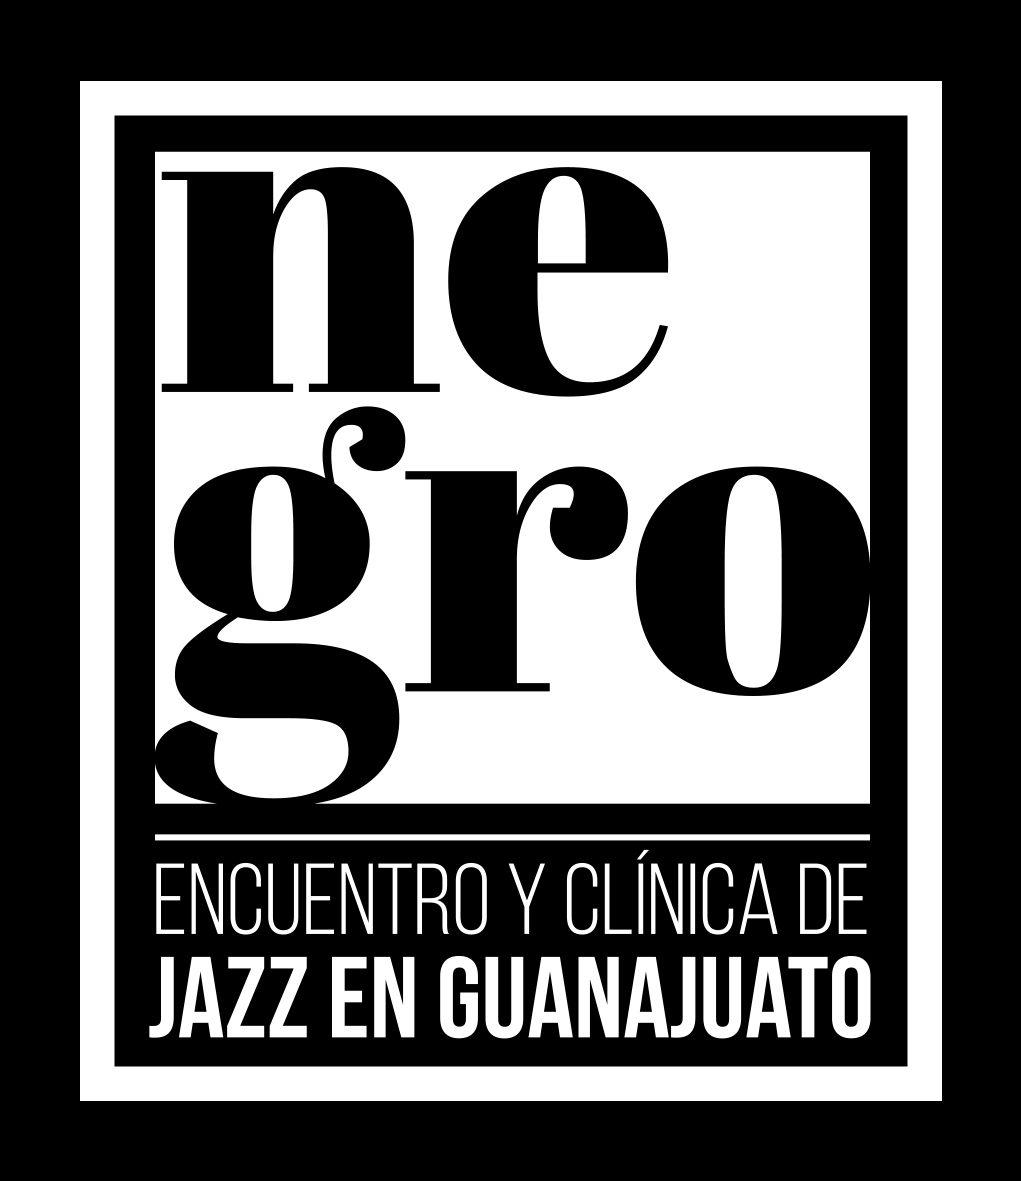 NEGRO, Encuentro y Clínica de Jazz en Guanajuato